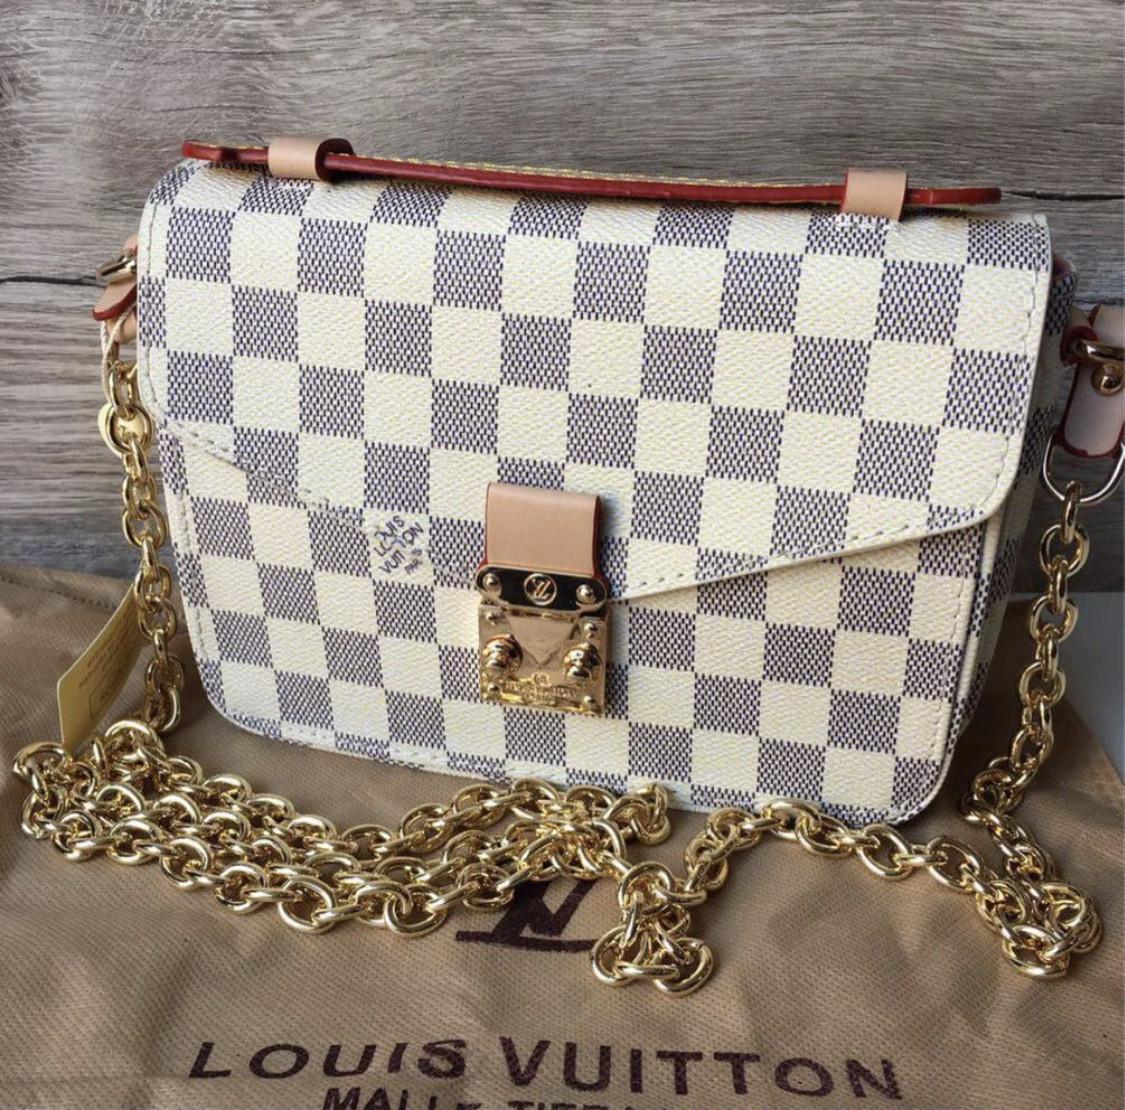 Сумка женская  Louis Vuitton Métis LV ( реплика луи витон) белая